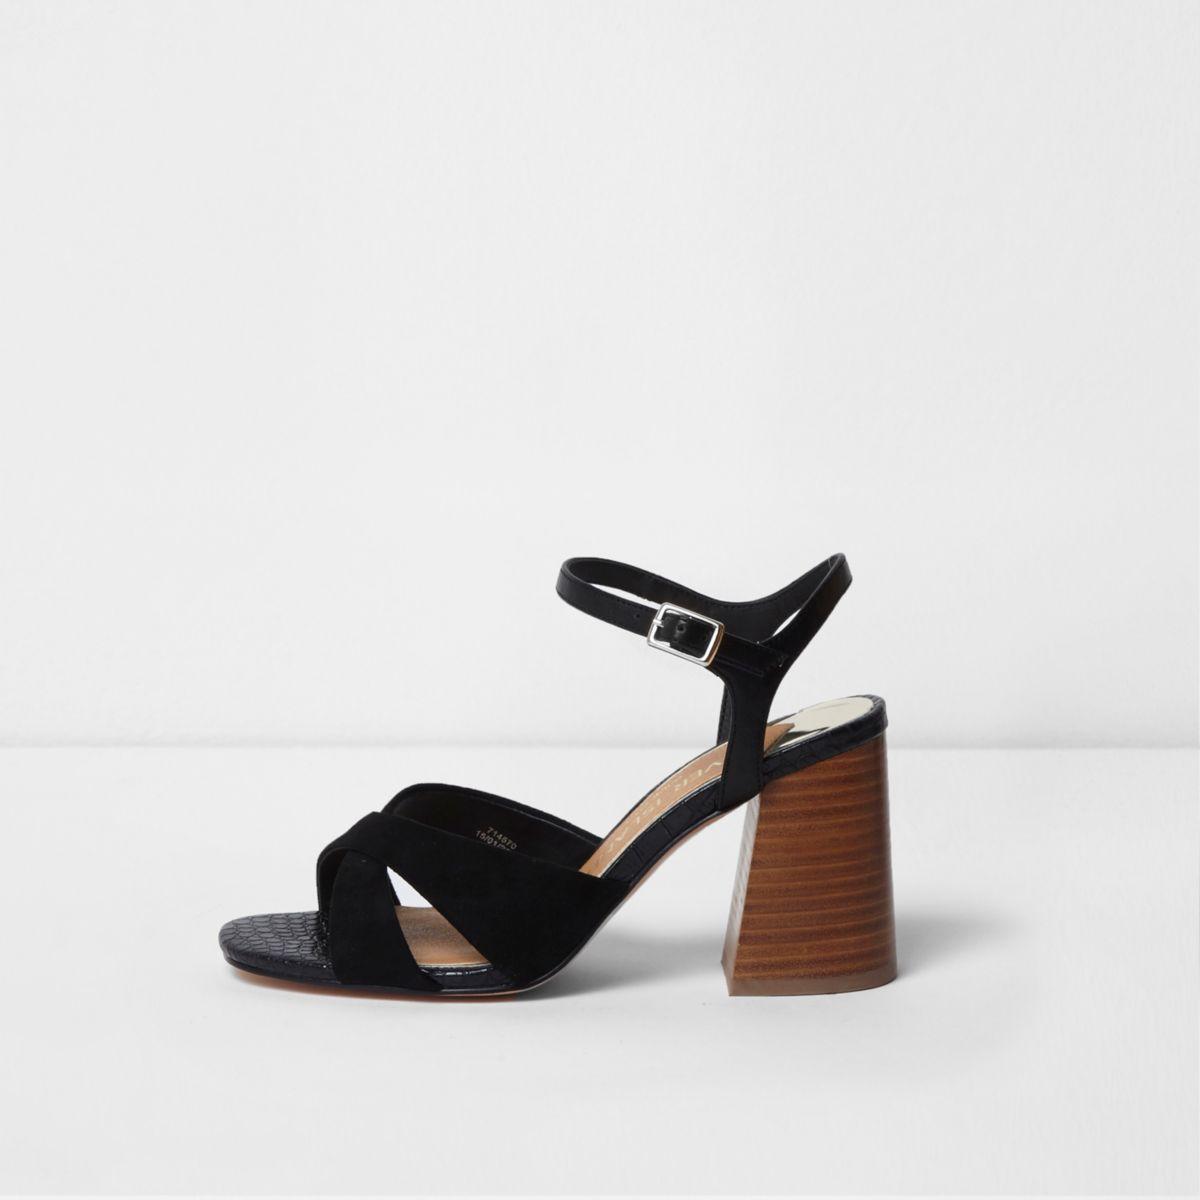 Sandales Noires Avec Bretelles Croisées U1cqPE7ZZU